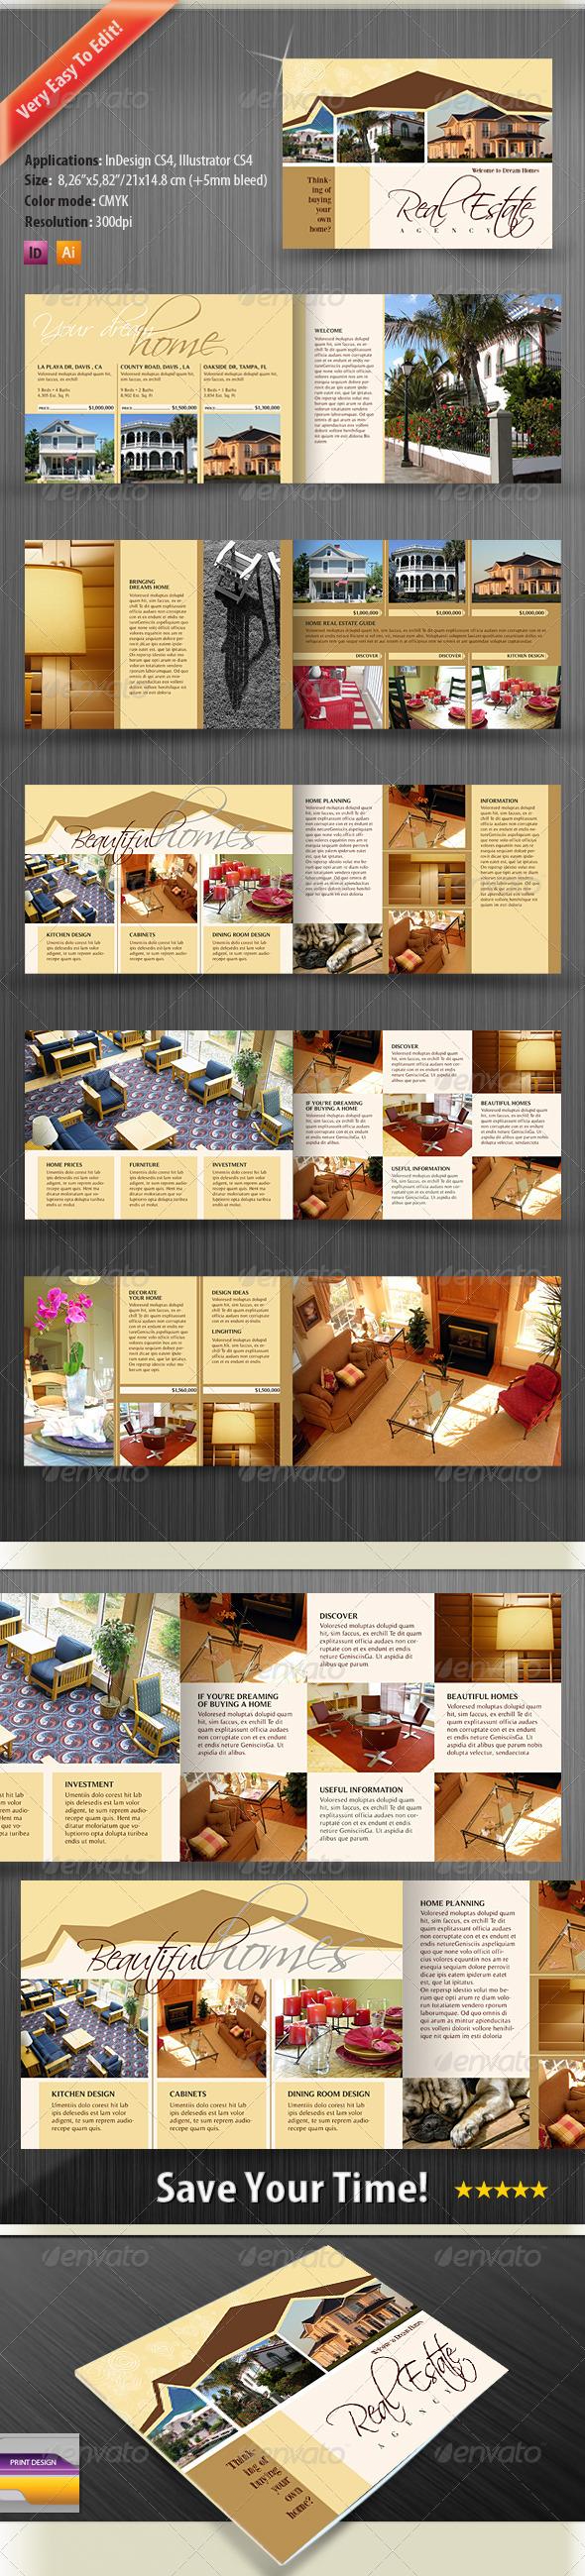 Request A Free Sunland Home Decor Catalog Autos Weblog